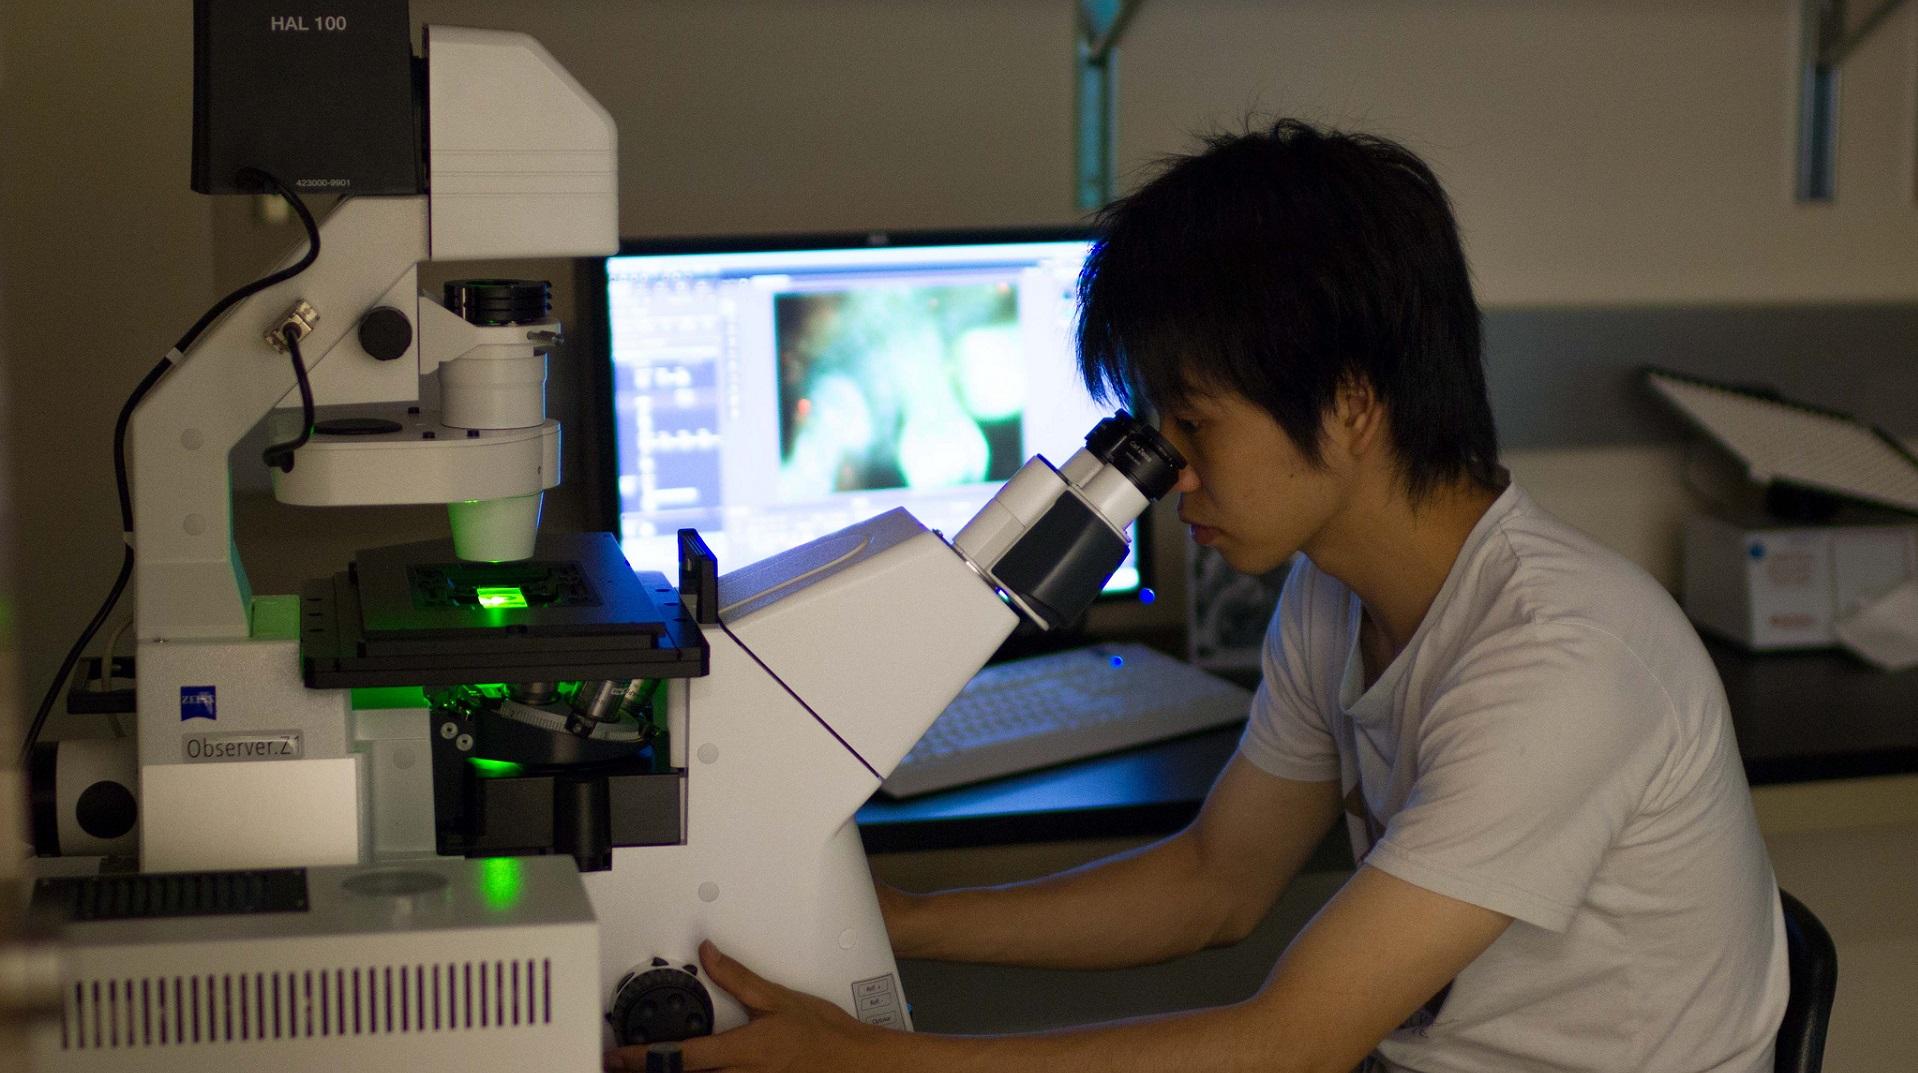 Estos nanorobots combaten el cáncer selectivamente dentro del cuerpo